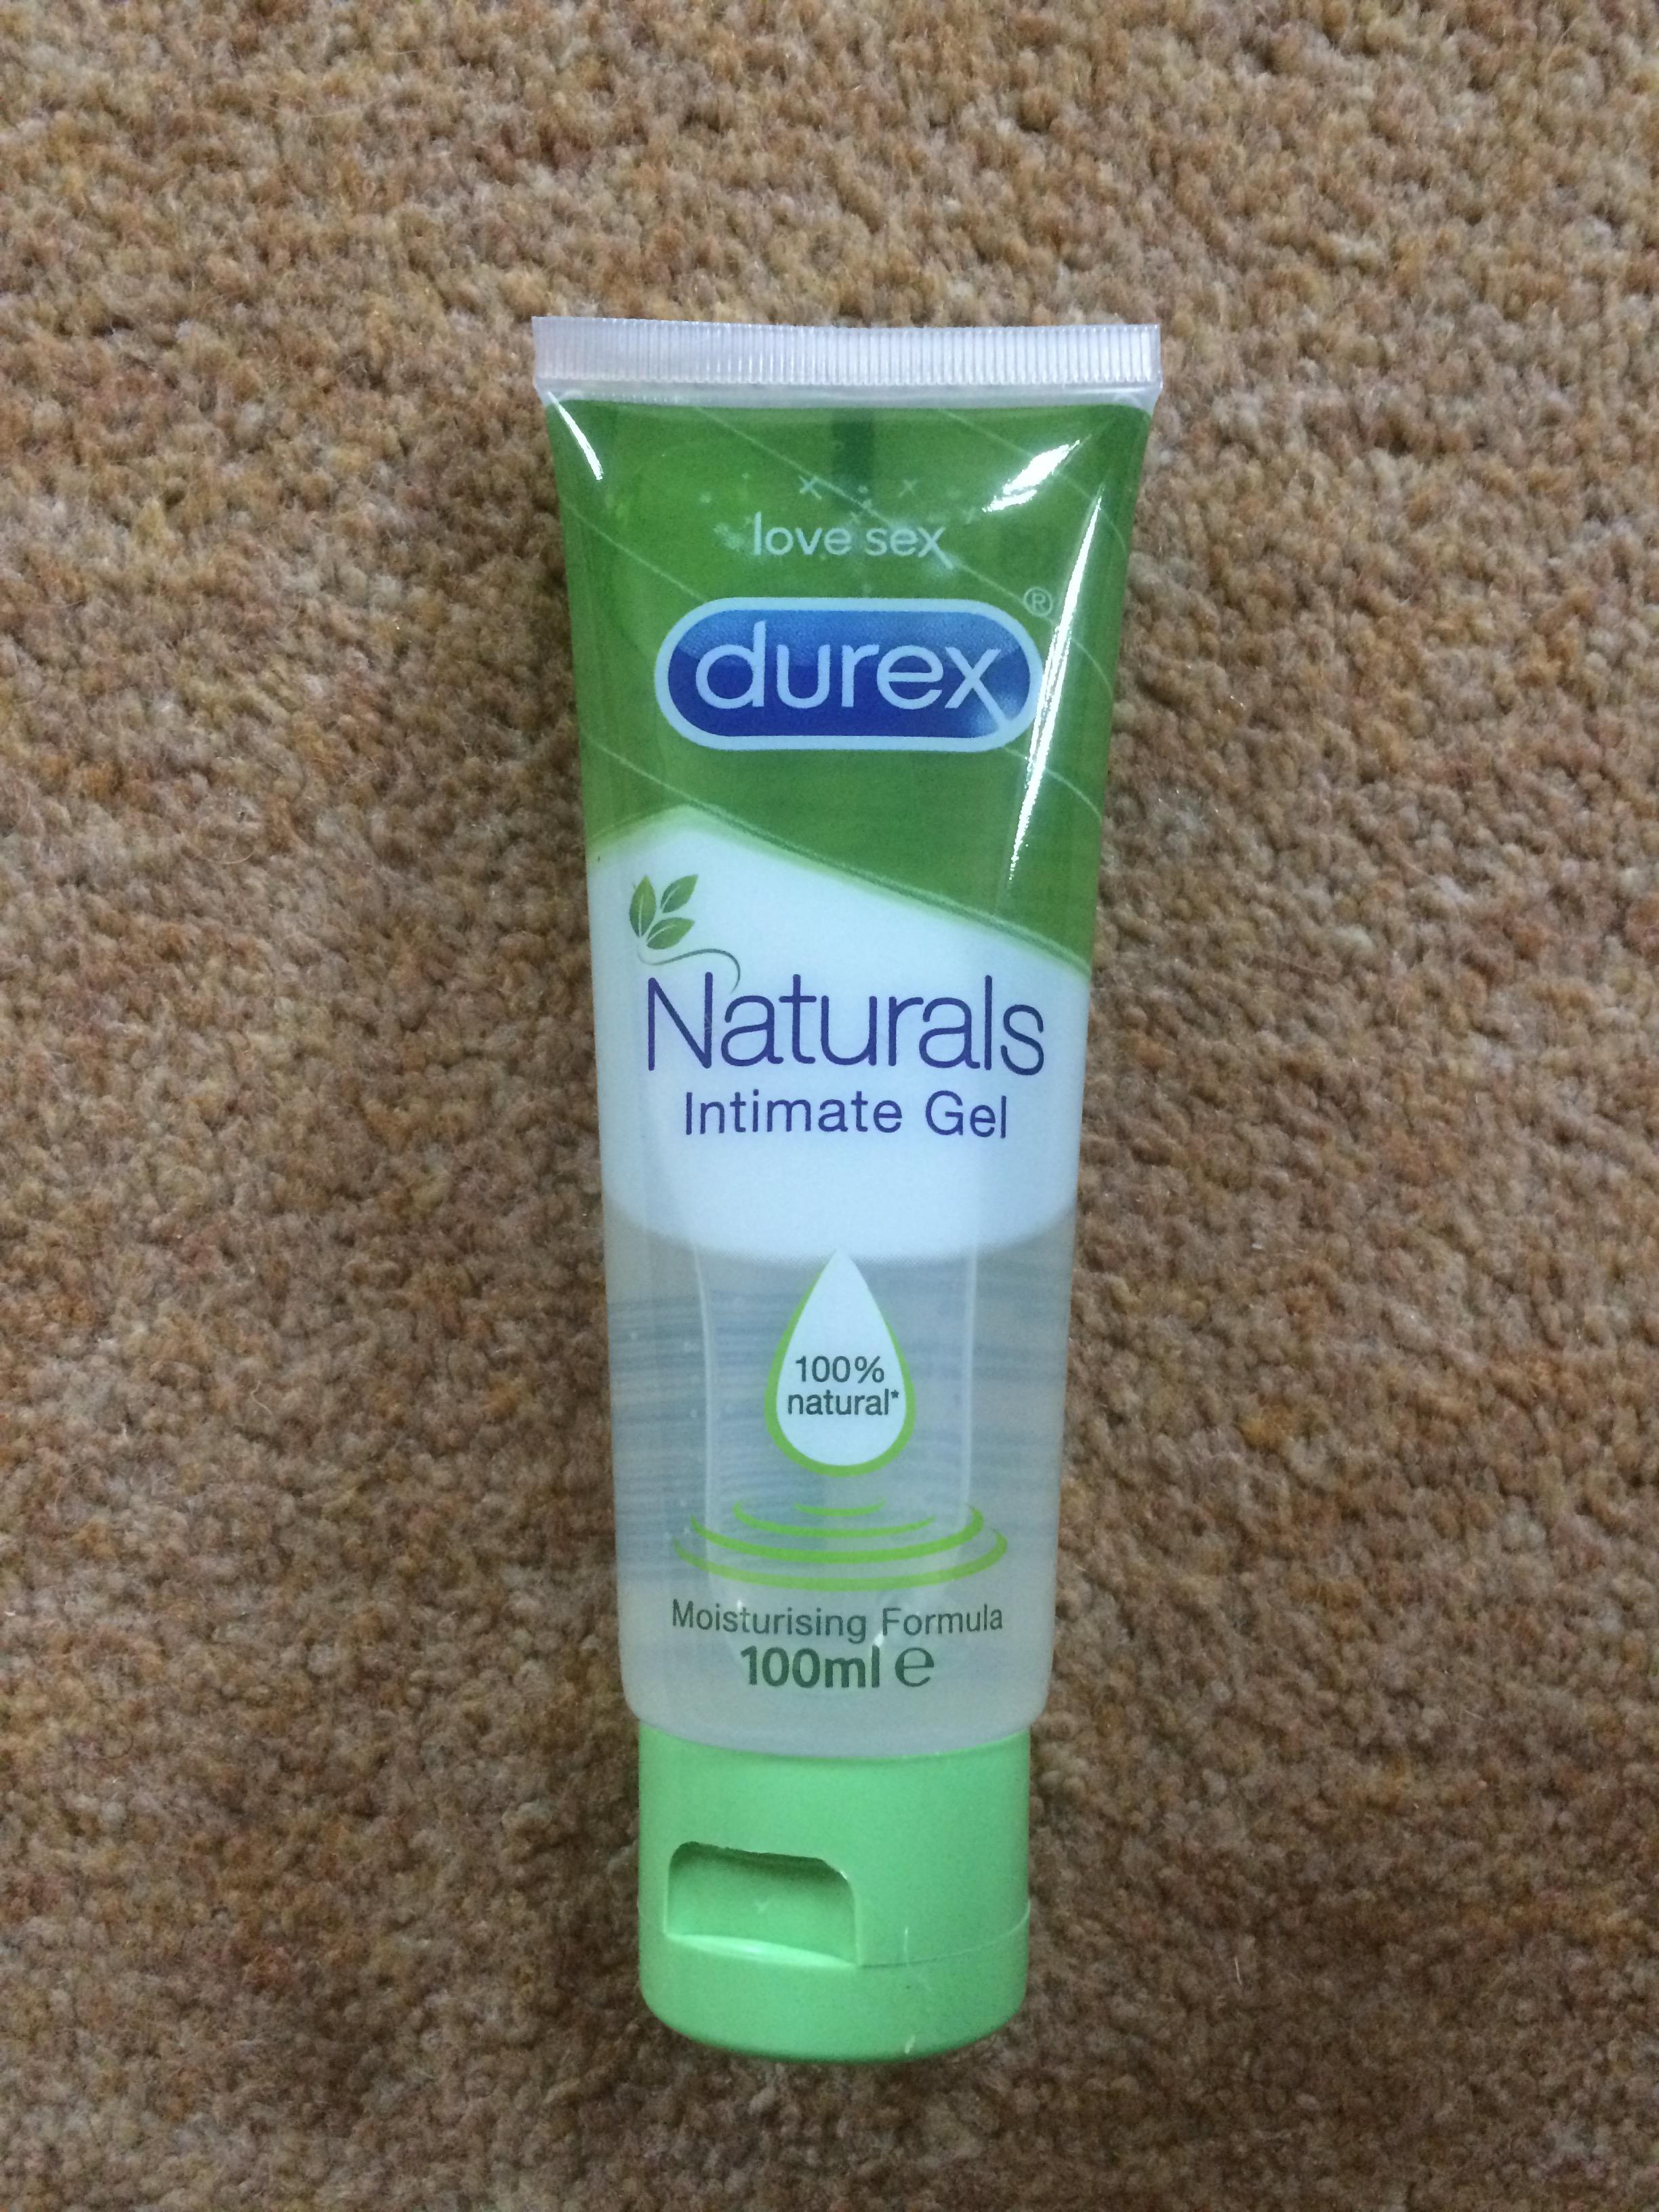 Durex Naturals Intimate Gel - £2.29 instore @ Home Bargains